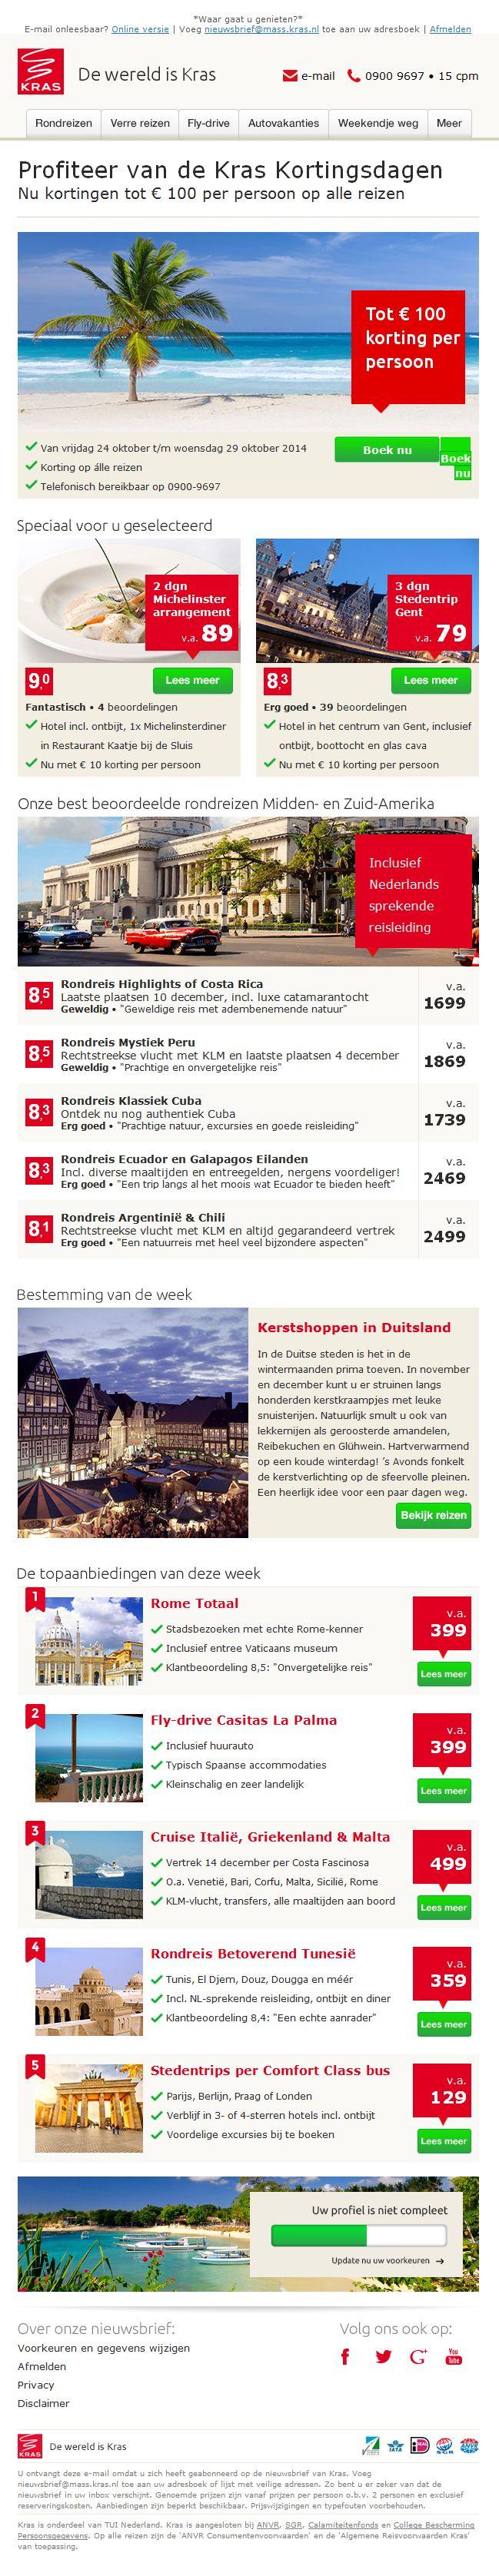 """Kras.nl - Mooi voorbeeld van continu aandacht voor profielverrijking in de nieuwsbrief (zie het blok onderaan). Daarnaast toont Kras aanbiedingen die """"Speciaal voor u geselecteerd"""" zijn. Ze laten dus eigenlijk direct zien wat ze o.a. met de profielgegevens doen."""